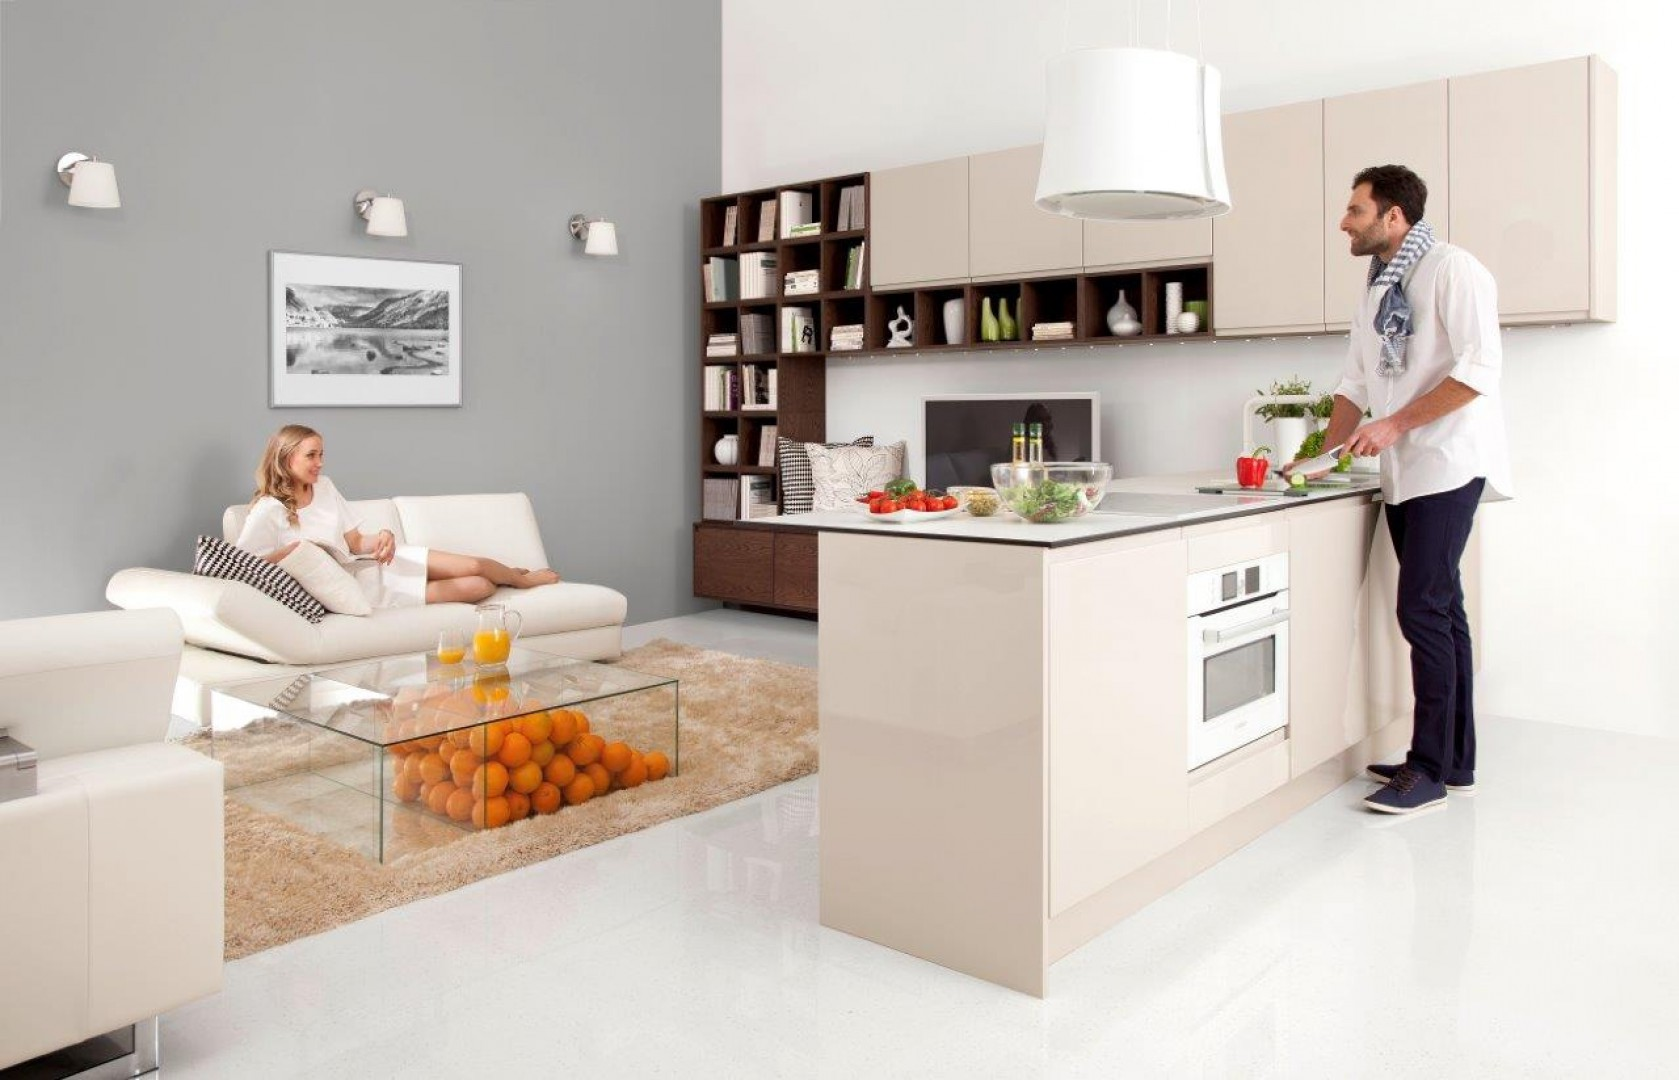 Kuchnie otwarte na salon pozwalają na stworzenie bardzo atrakcyjnych aranżacji. Fot. WFM Kuchnie